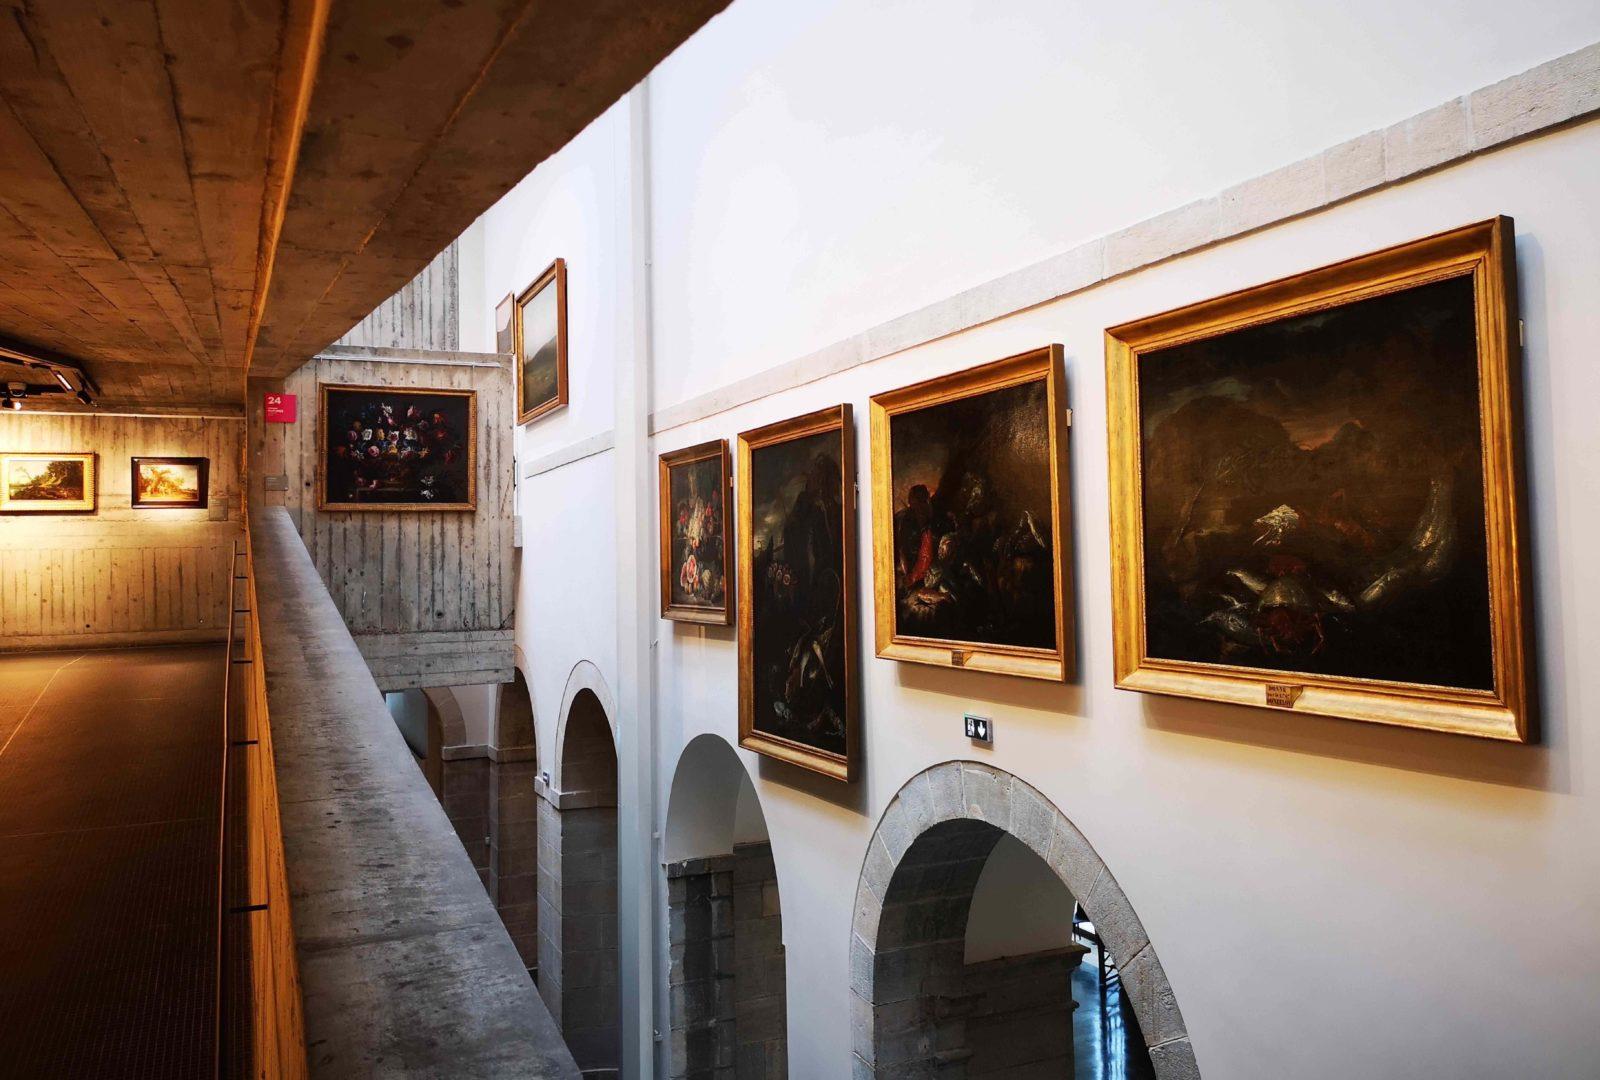 mbaa Besançon peintures vues depuis la rampe